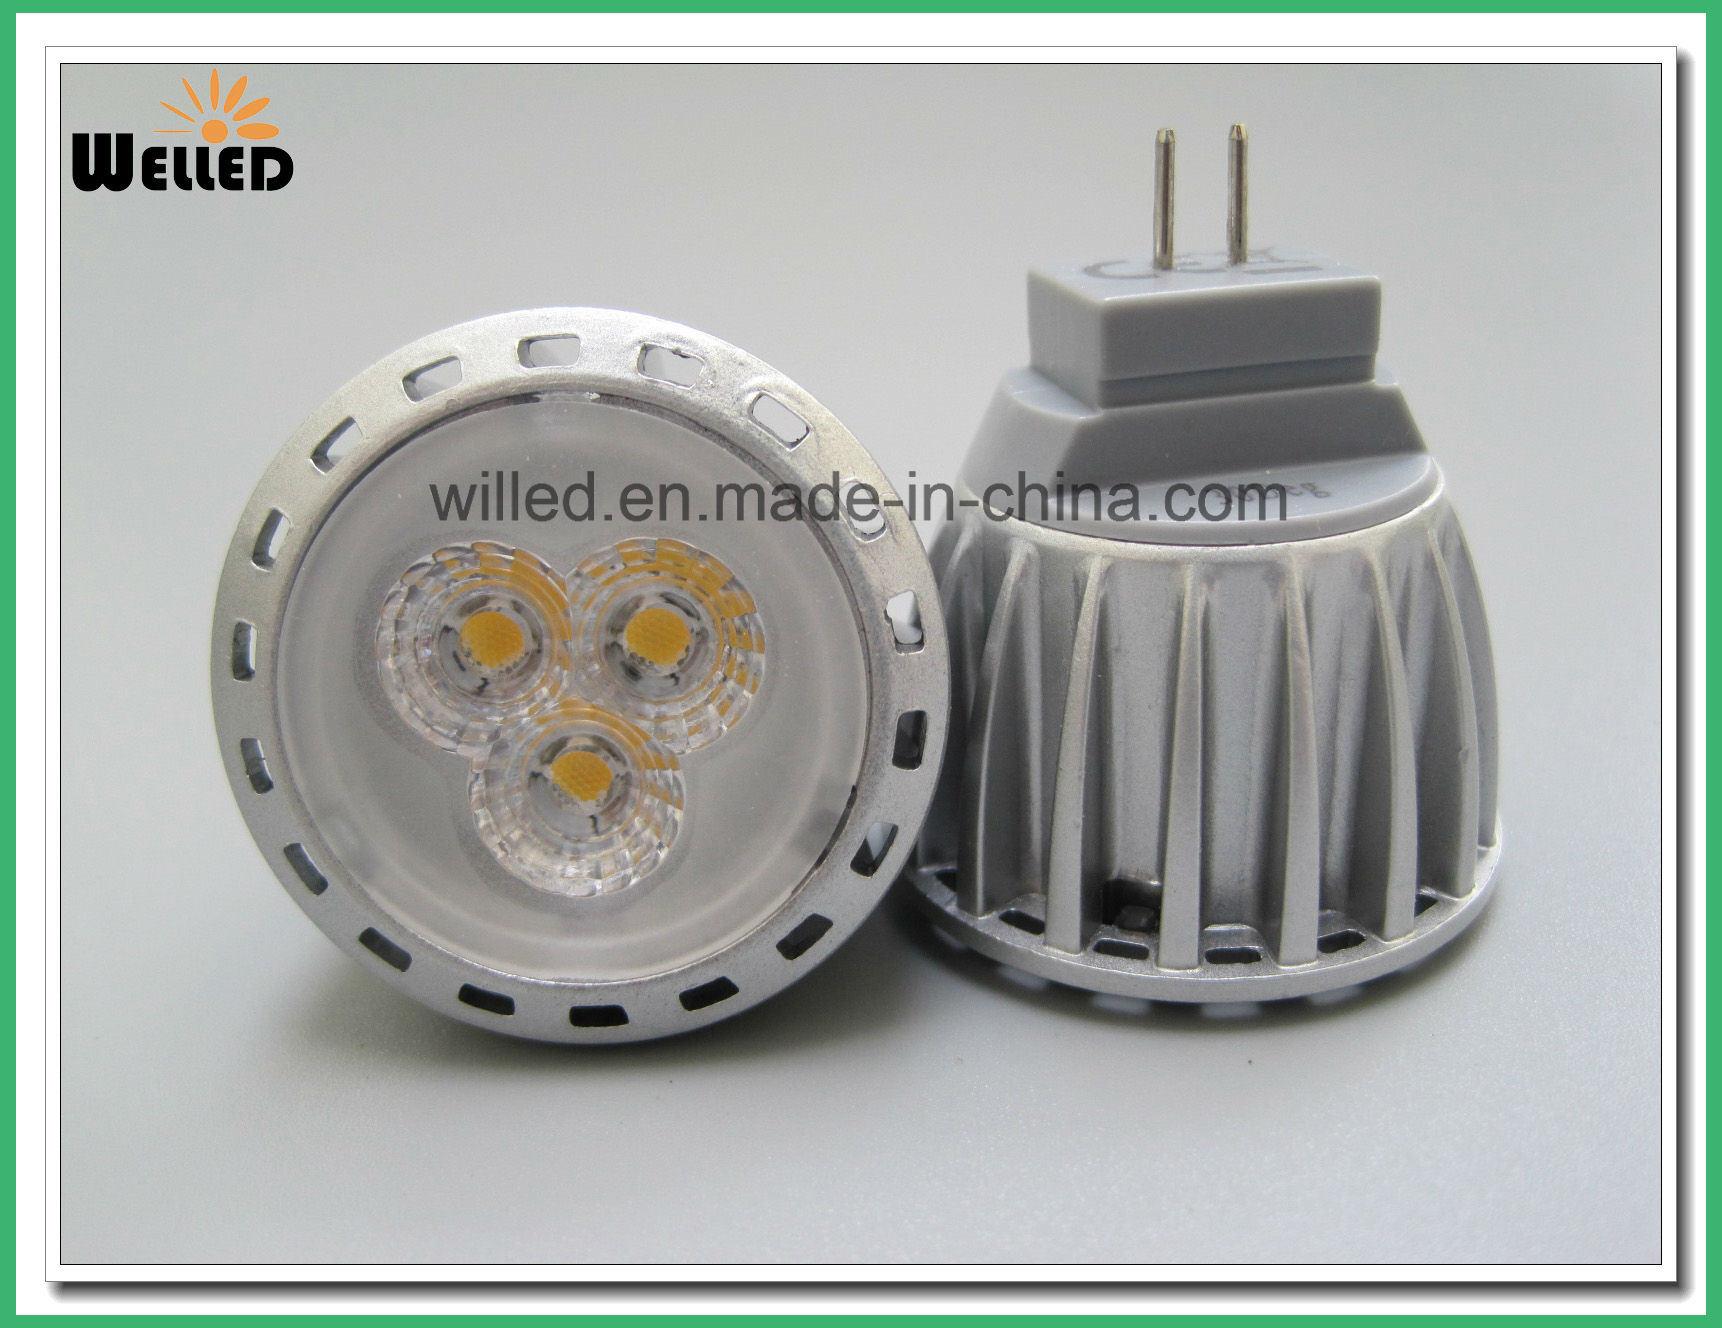 12V 10-30VDC Energy Saving MR11 LED Spotlight Spot Light 2W 4W Gu4.0